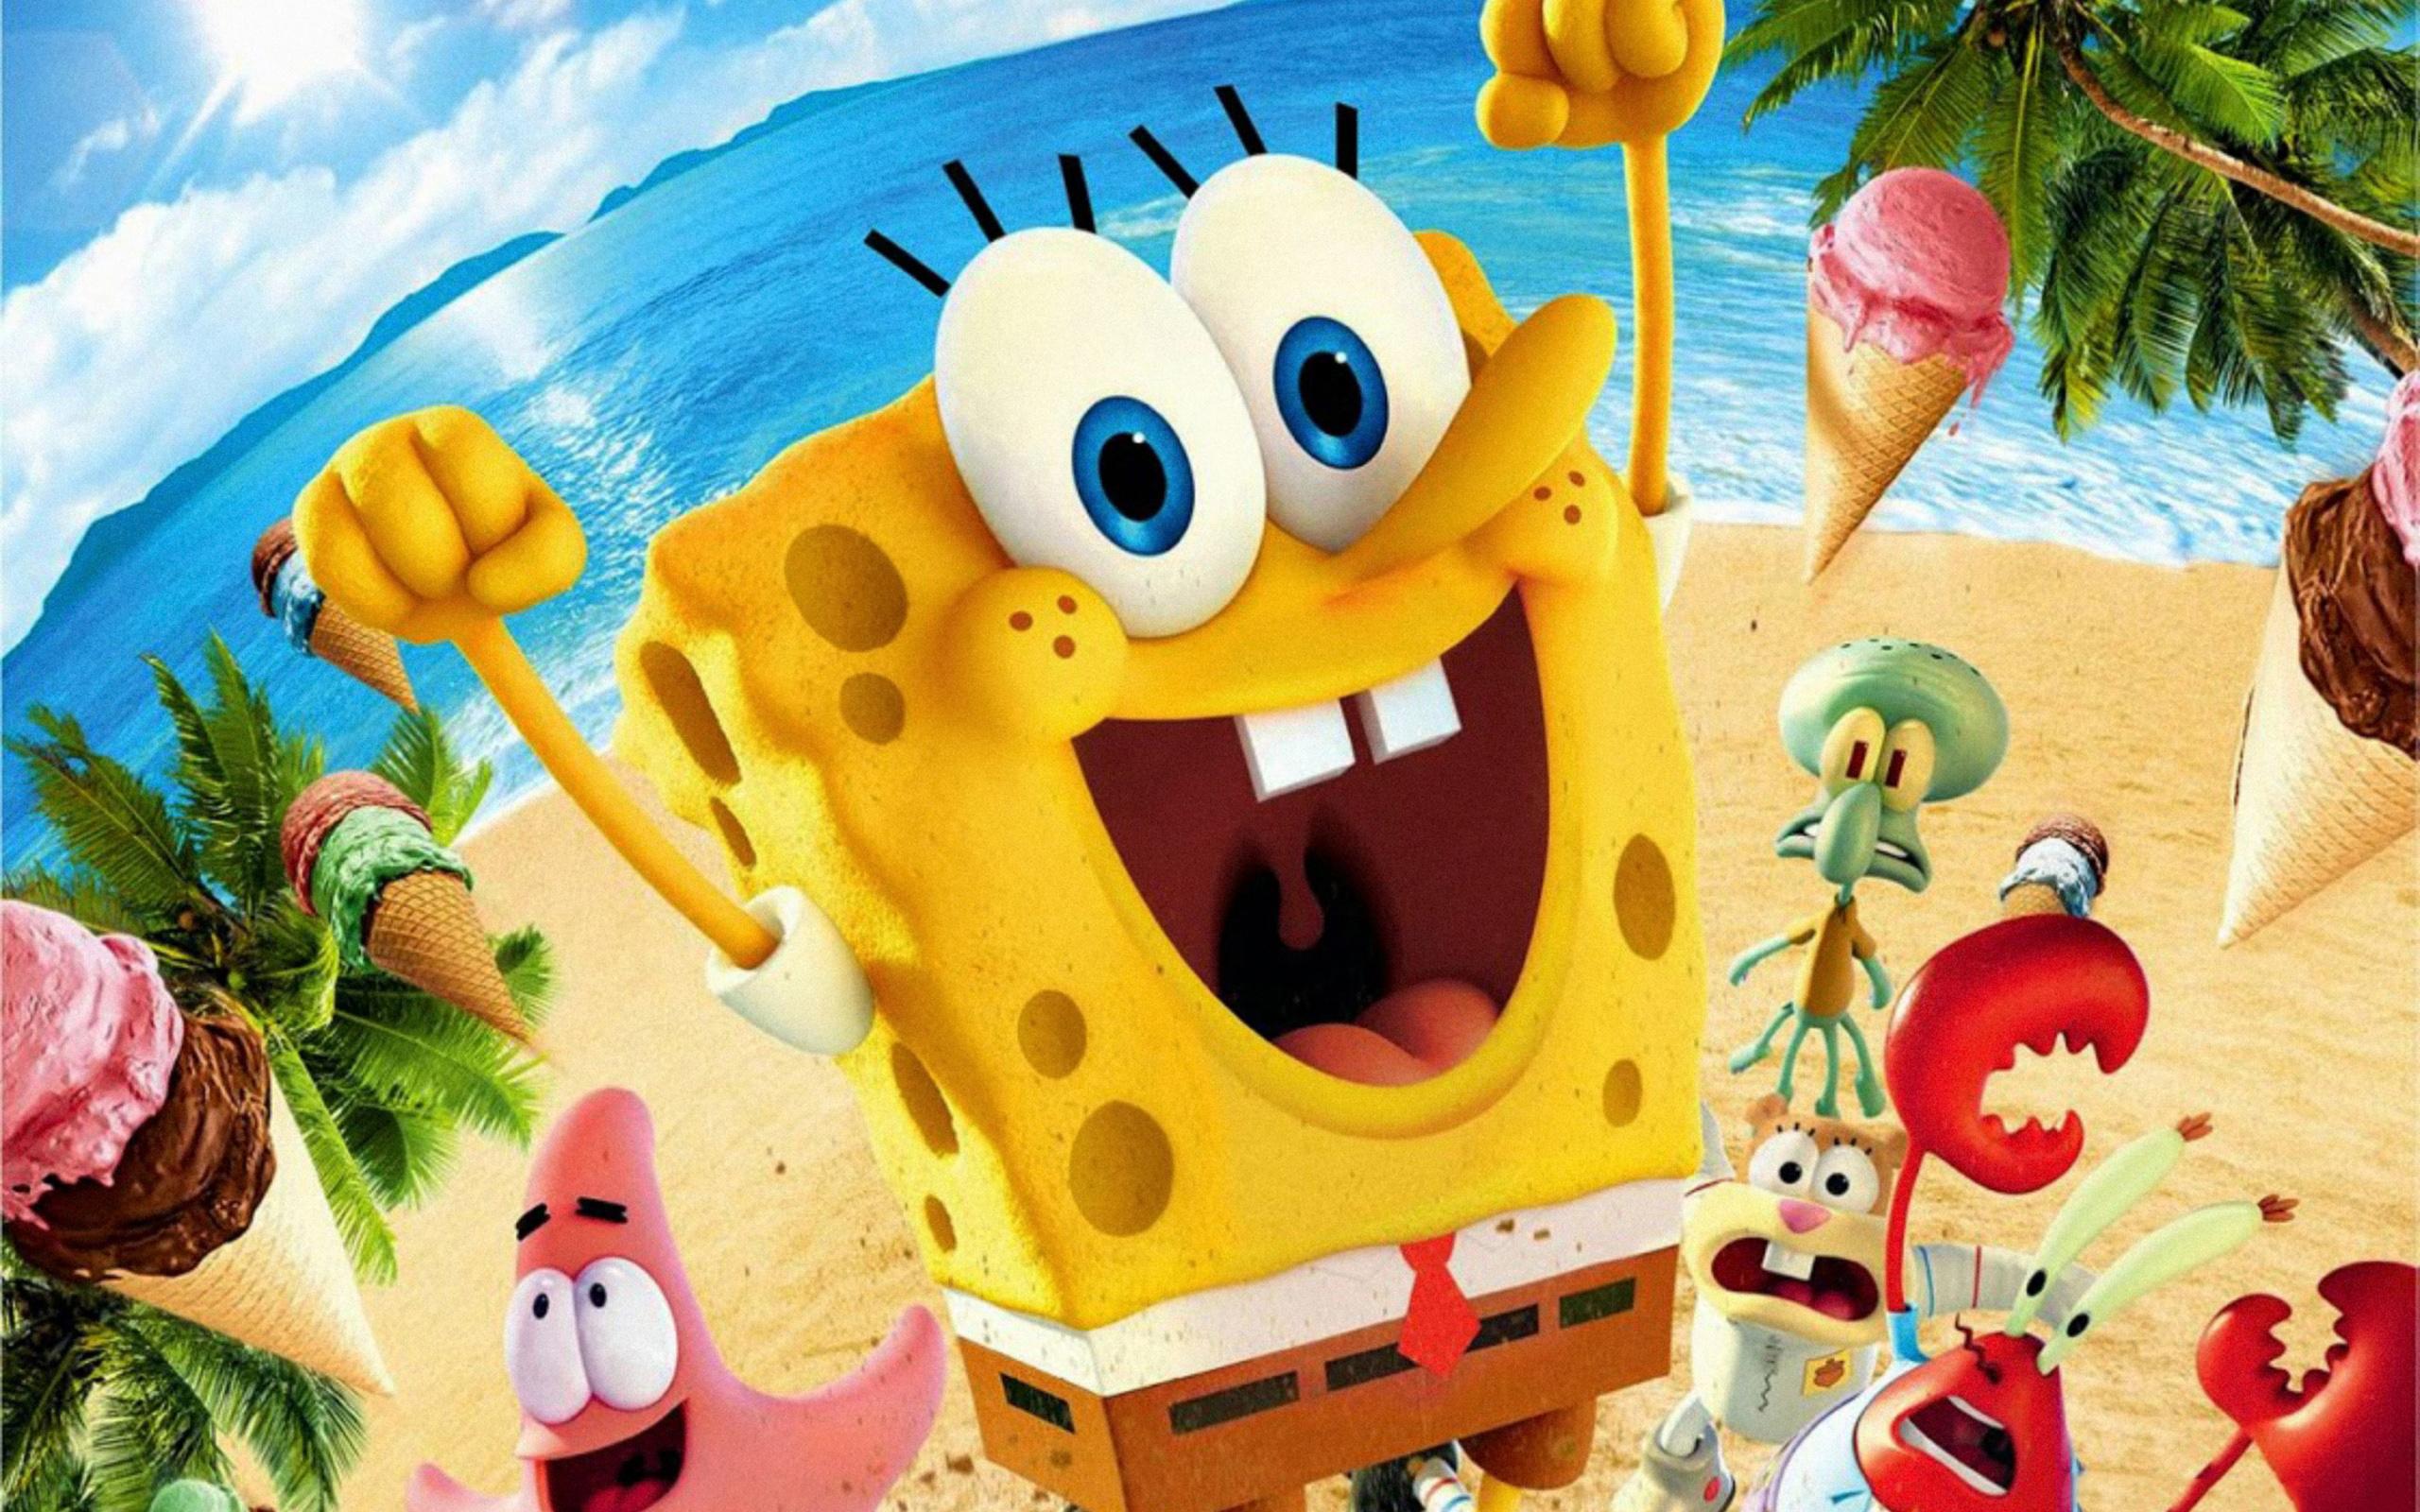 Spongebob Wallpapers Hd: The SpongeBob Movie: Sponge Out Of Water HD Wallpaper